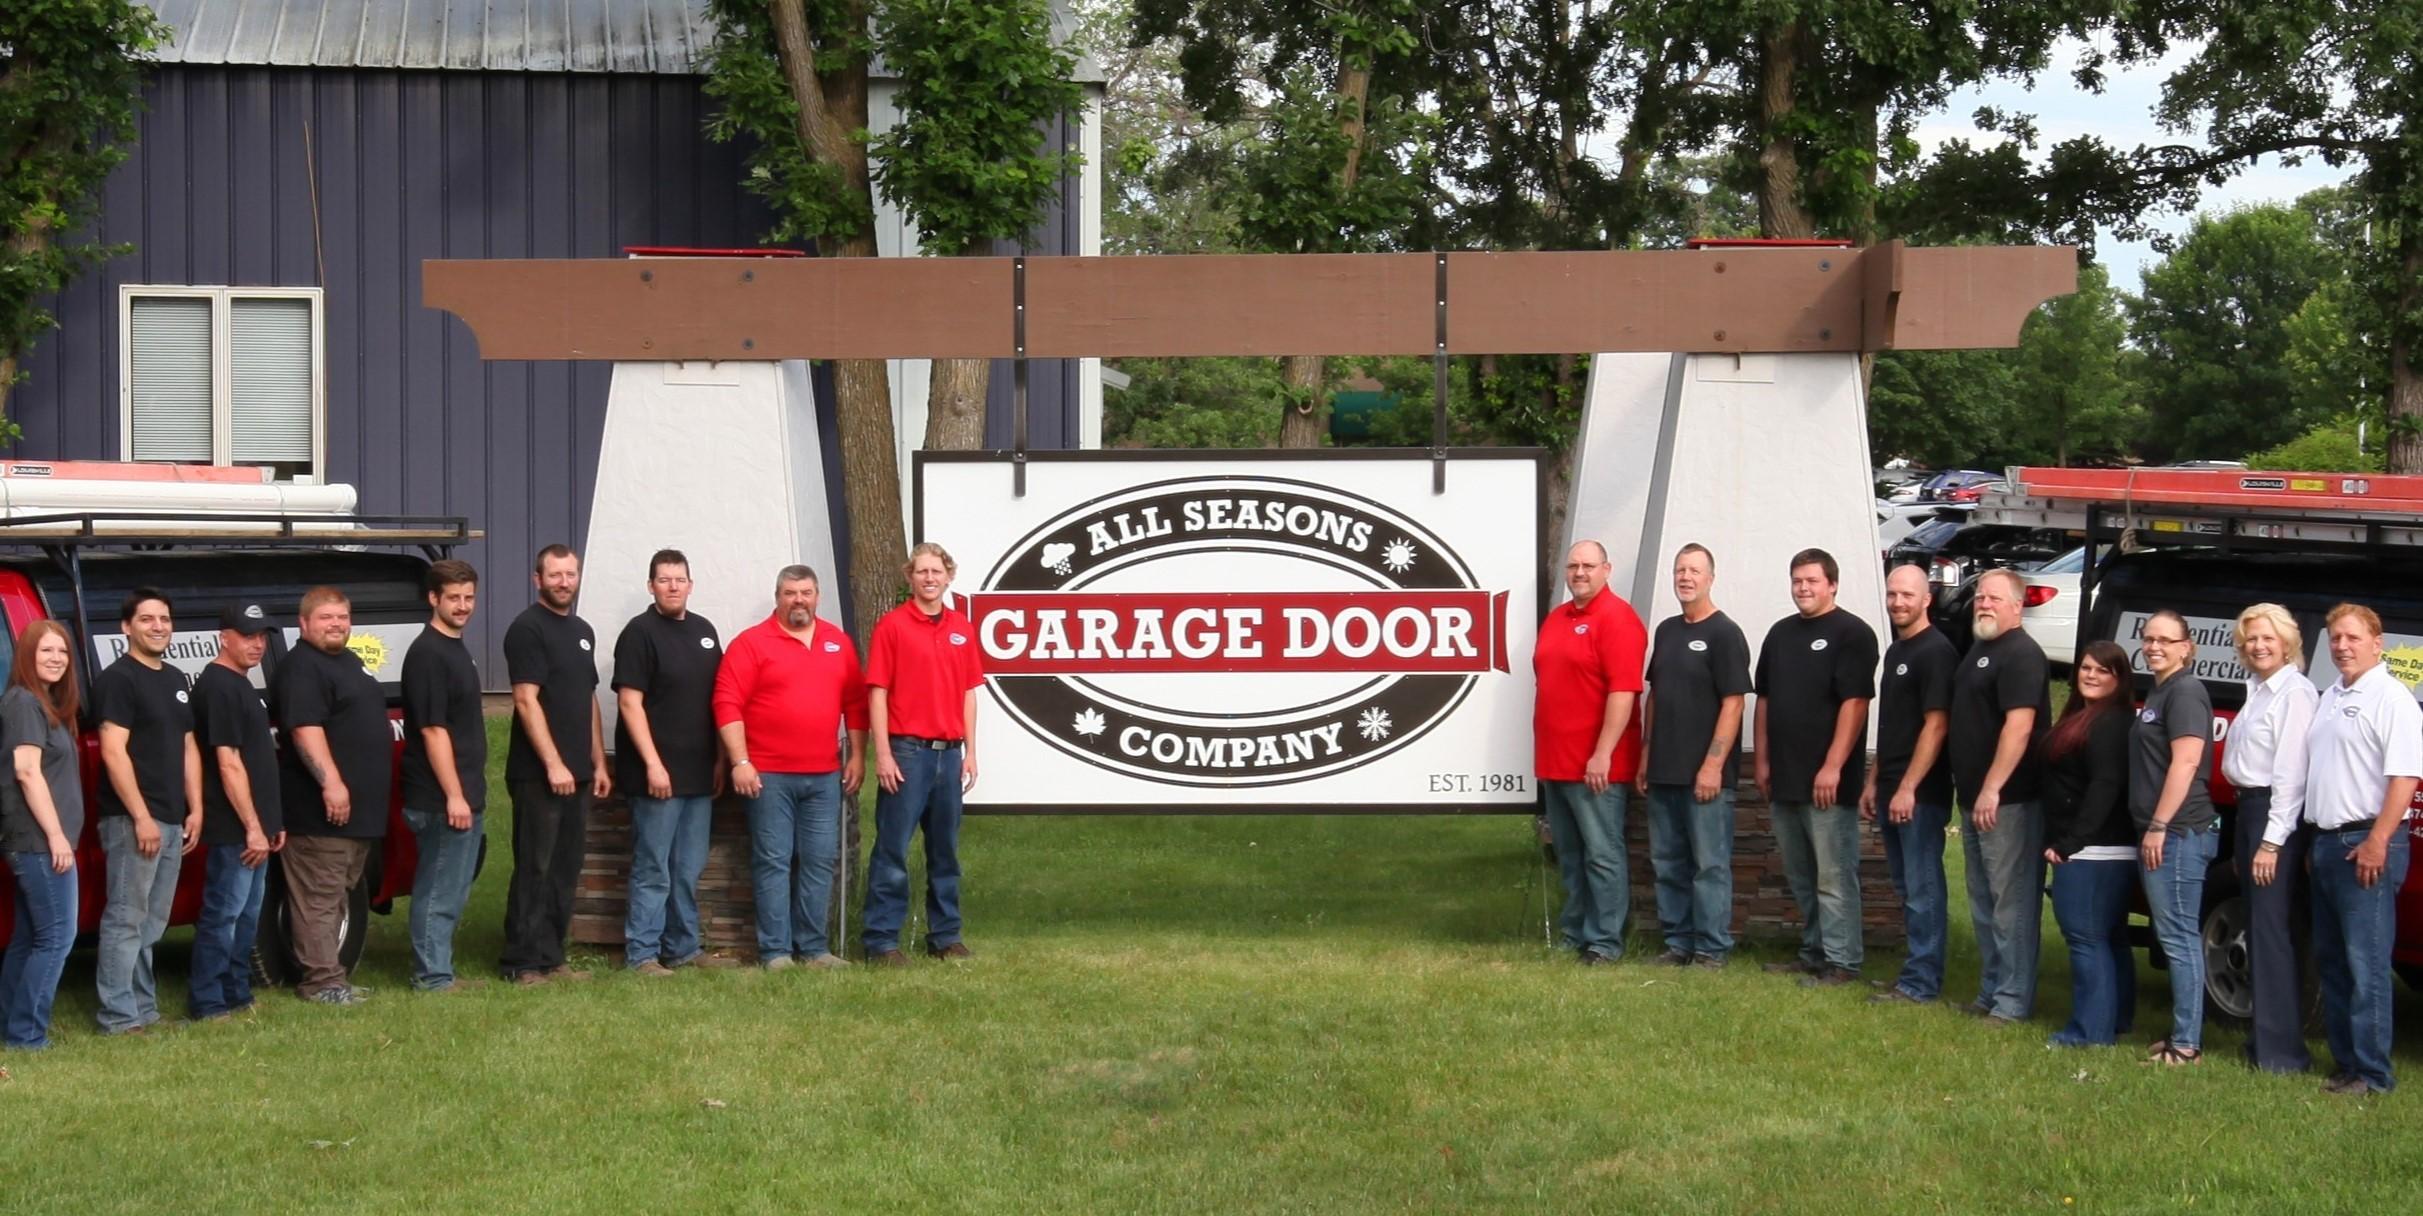 All Seasons Garage Door Company - Garage Door Professionals